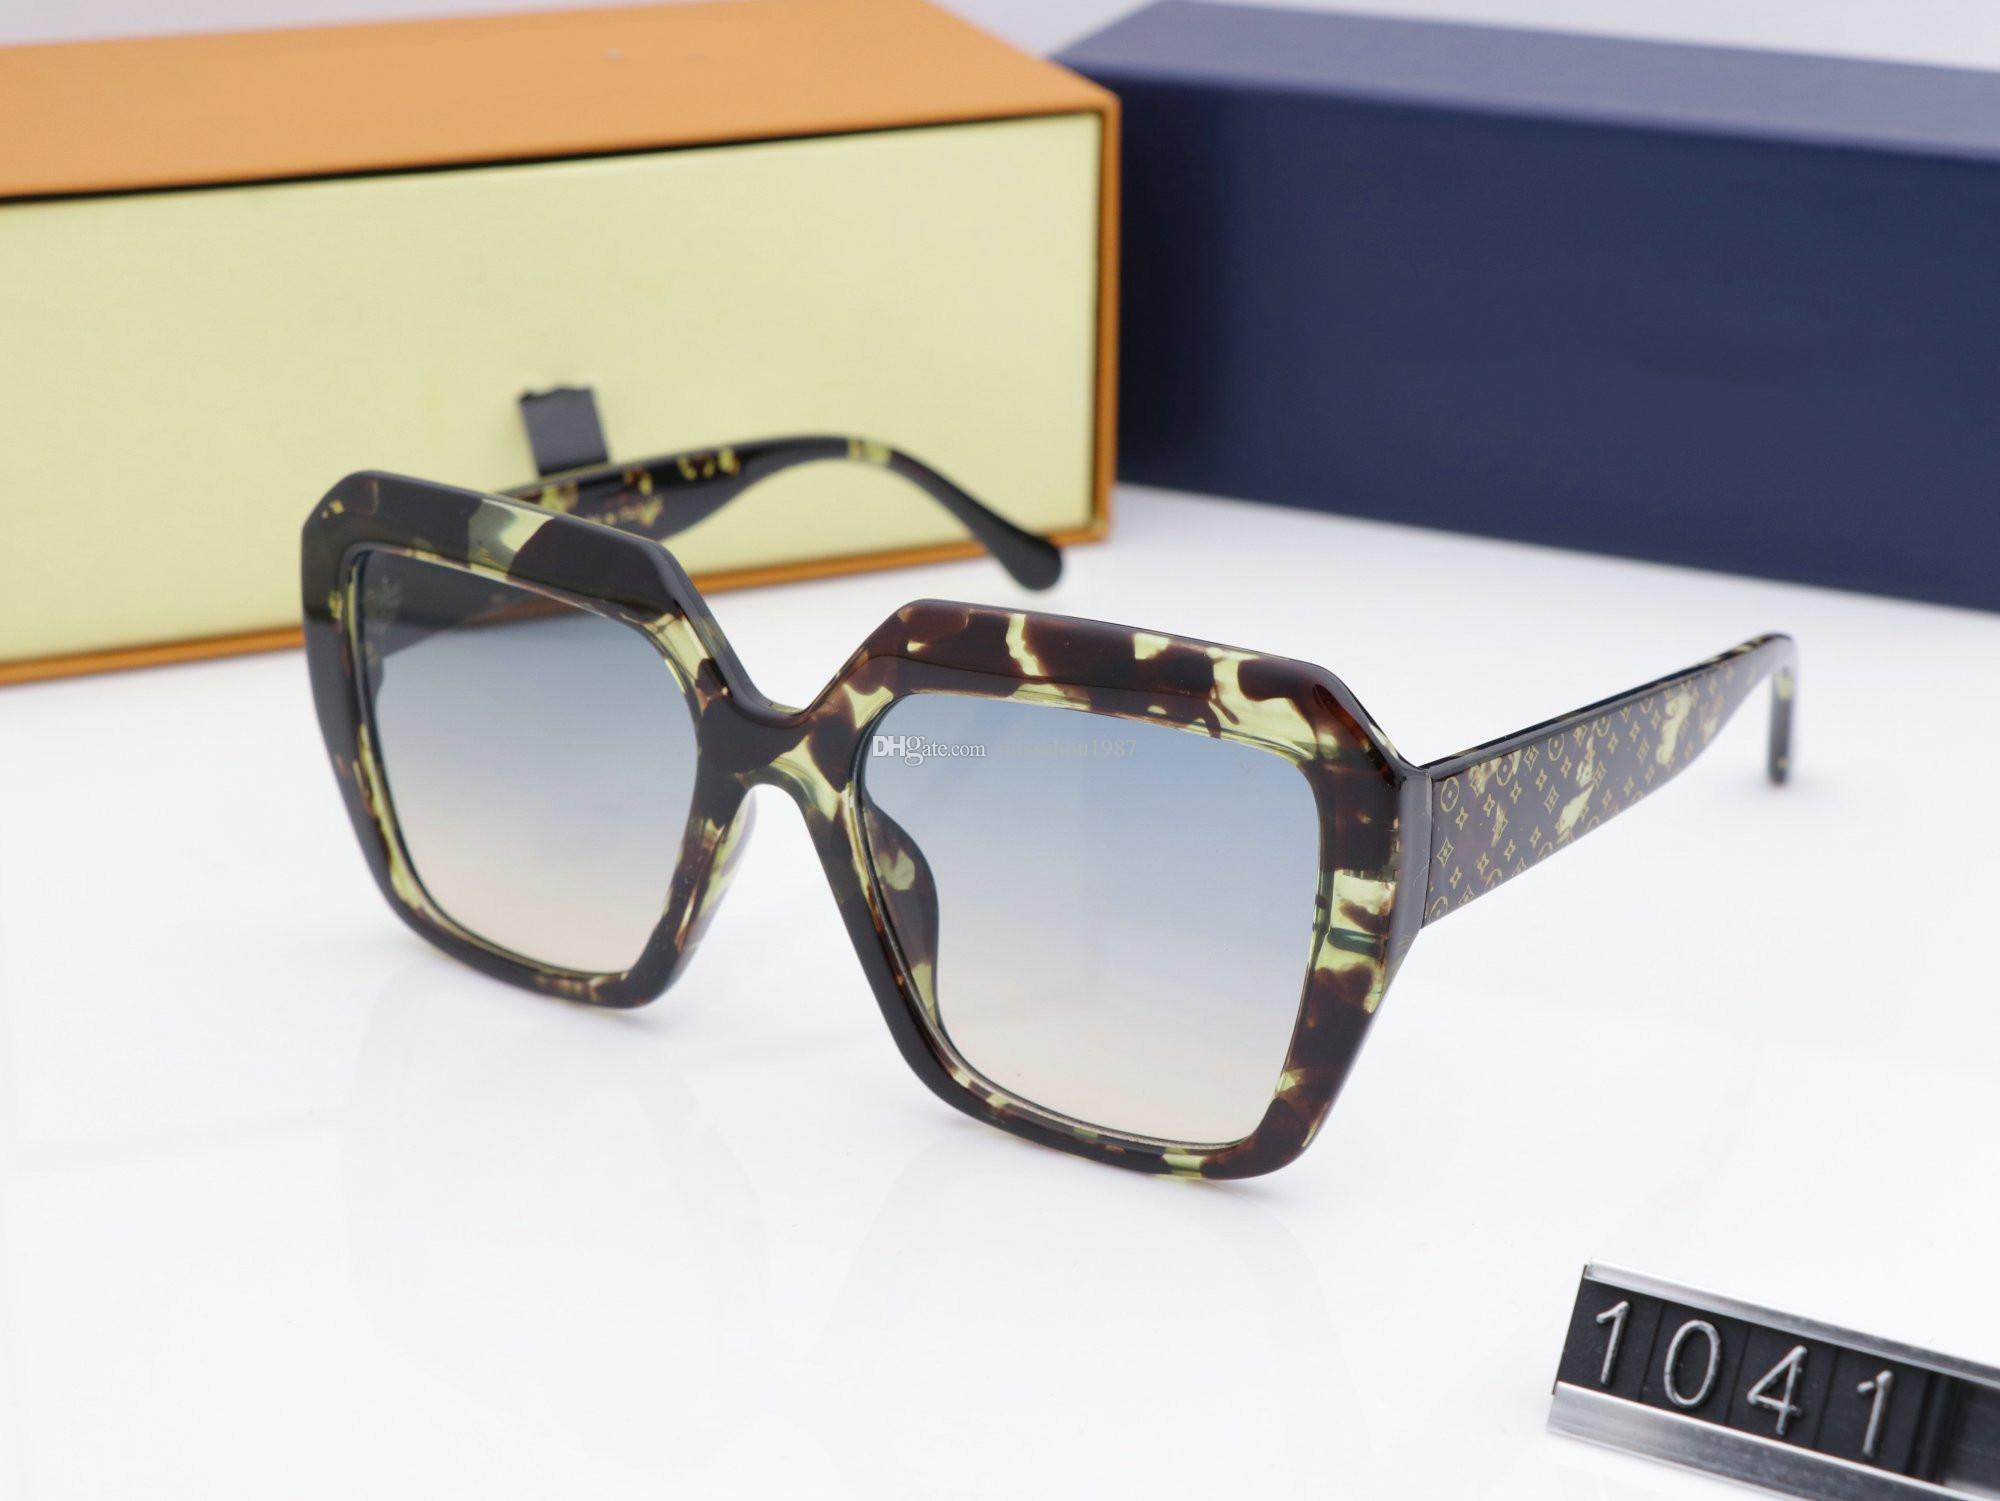 Las mujeres de lujo Lentes de sol 1041 Plank Clásico Piloto envolver Gafas de sol retro generoso gafas de protección UV400 vienen con el caso